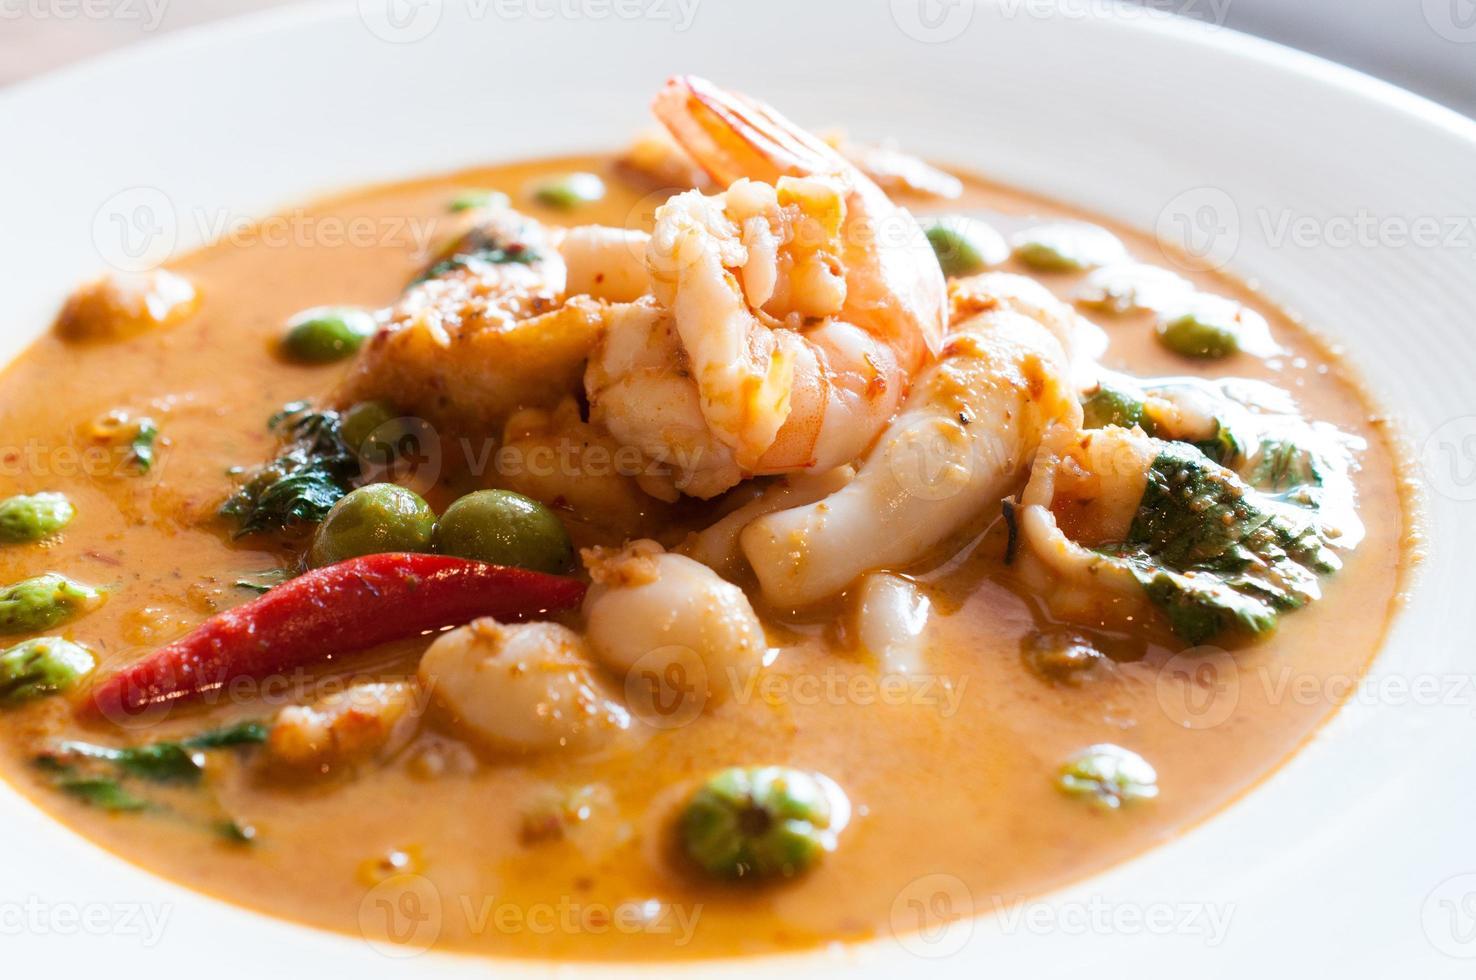 cuisine thaïlandaise au curry rouge panang, fruits de mer photo